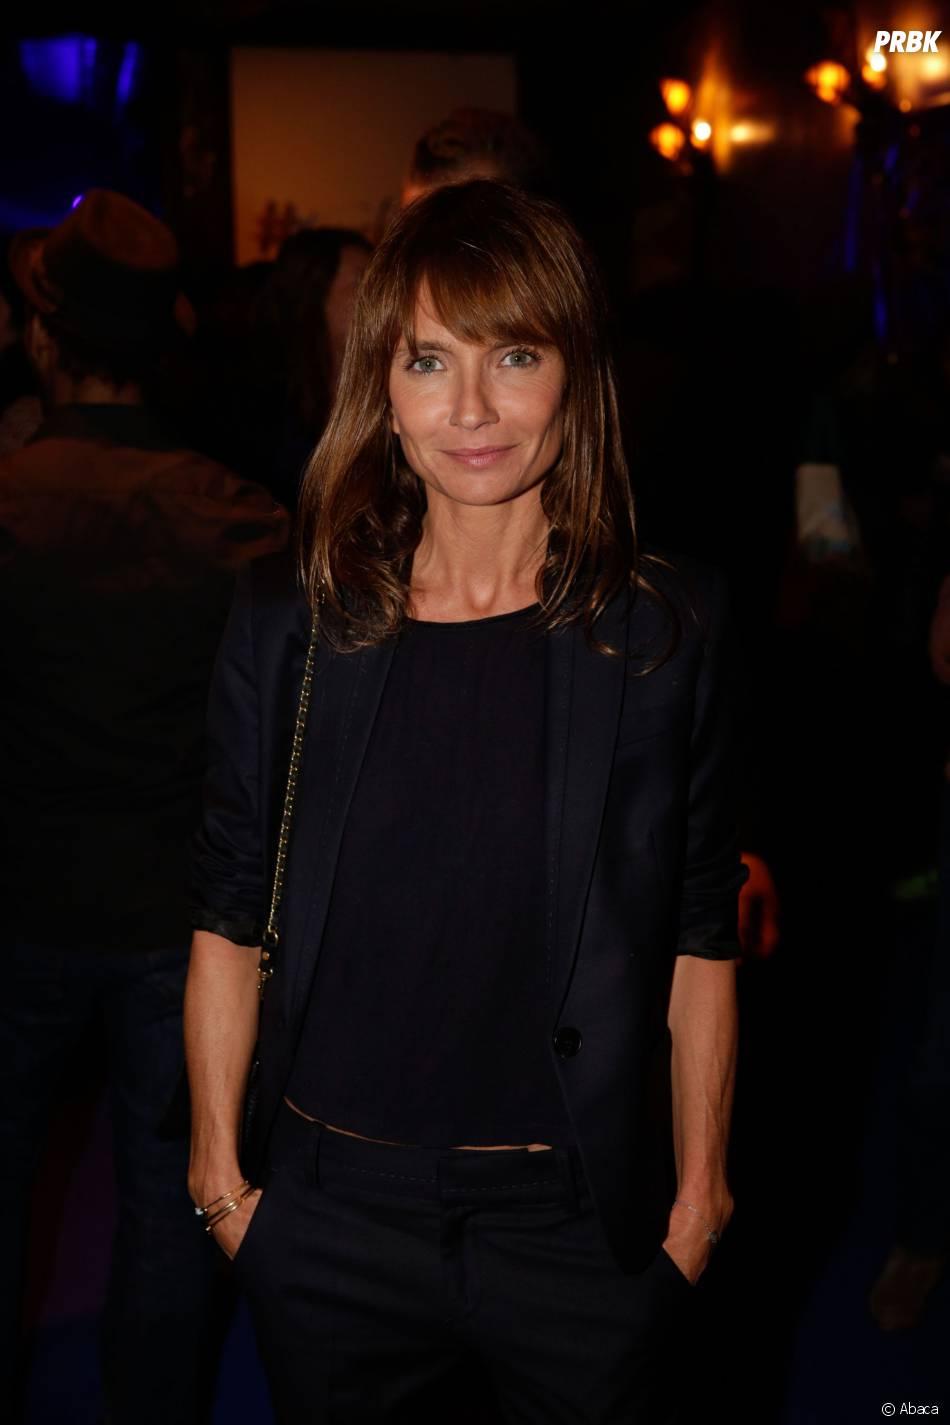 Axelle Laffont à La Boulangerie Bleue, le 23 septembre 2015 à Paris